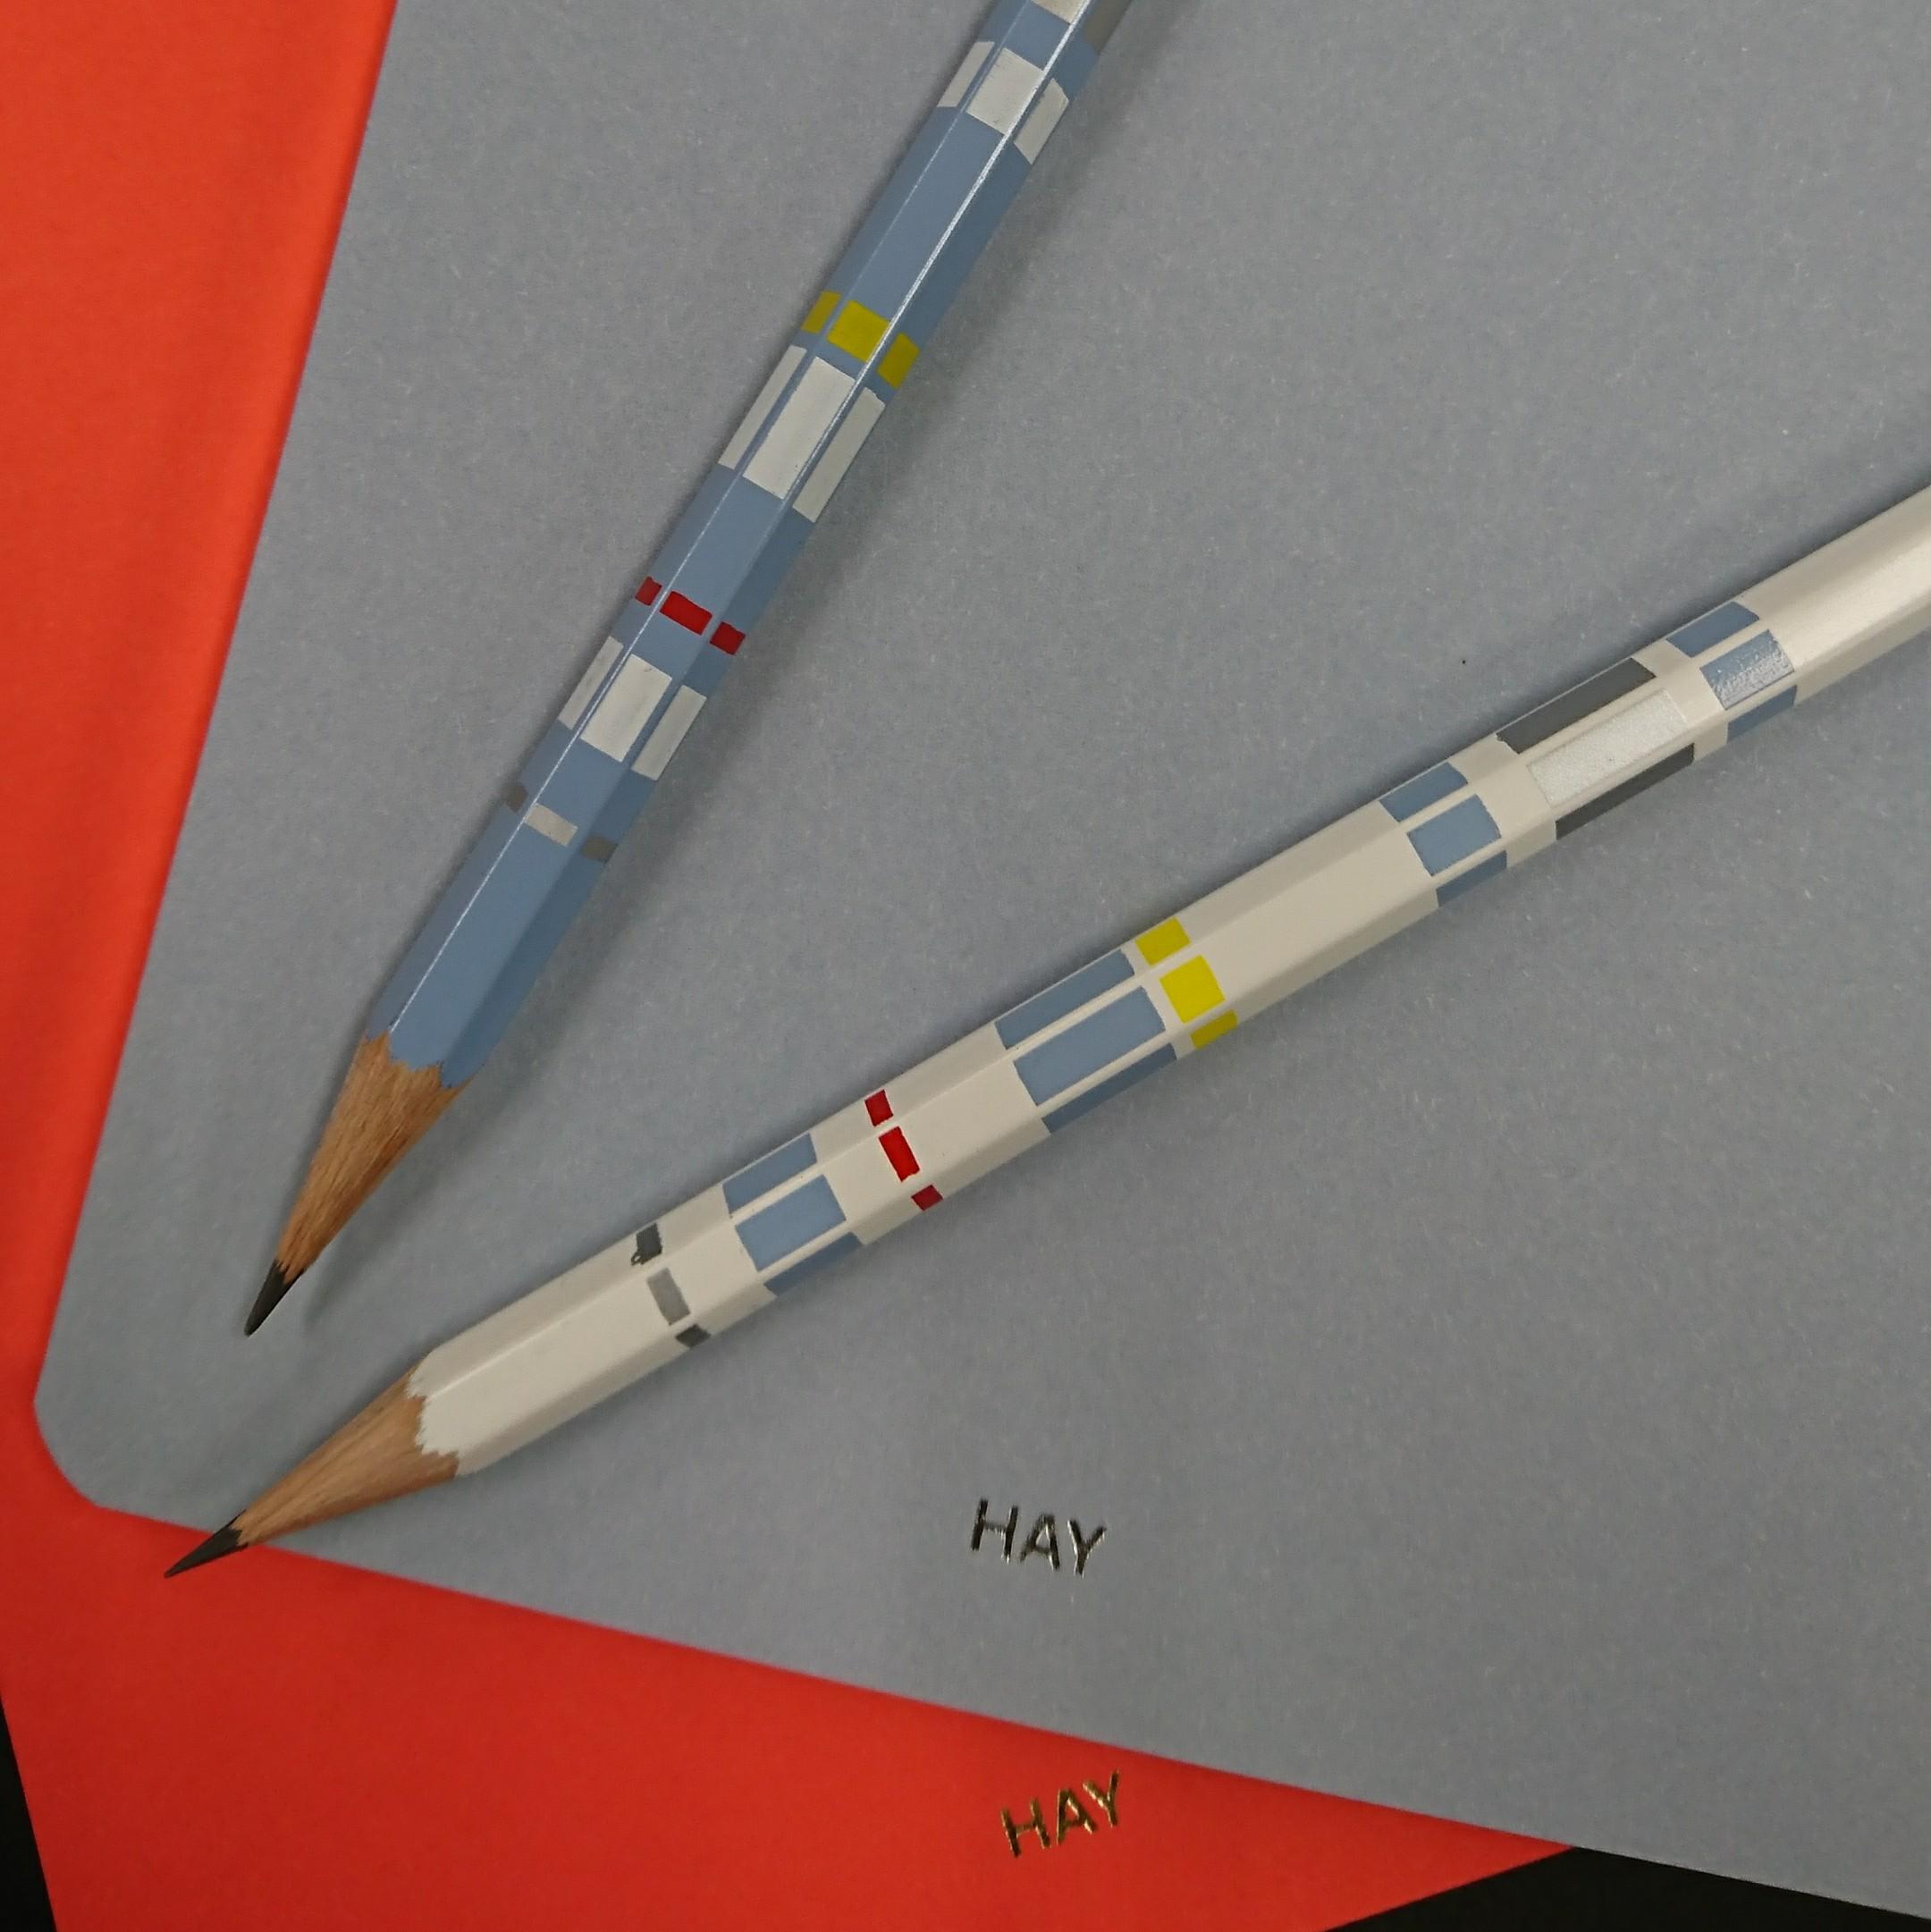 優しい色合いの鉛筆とノート